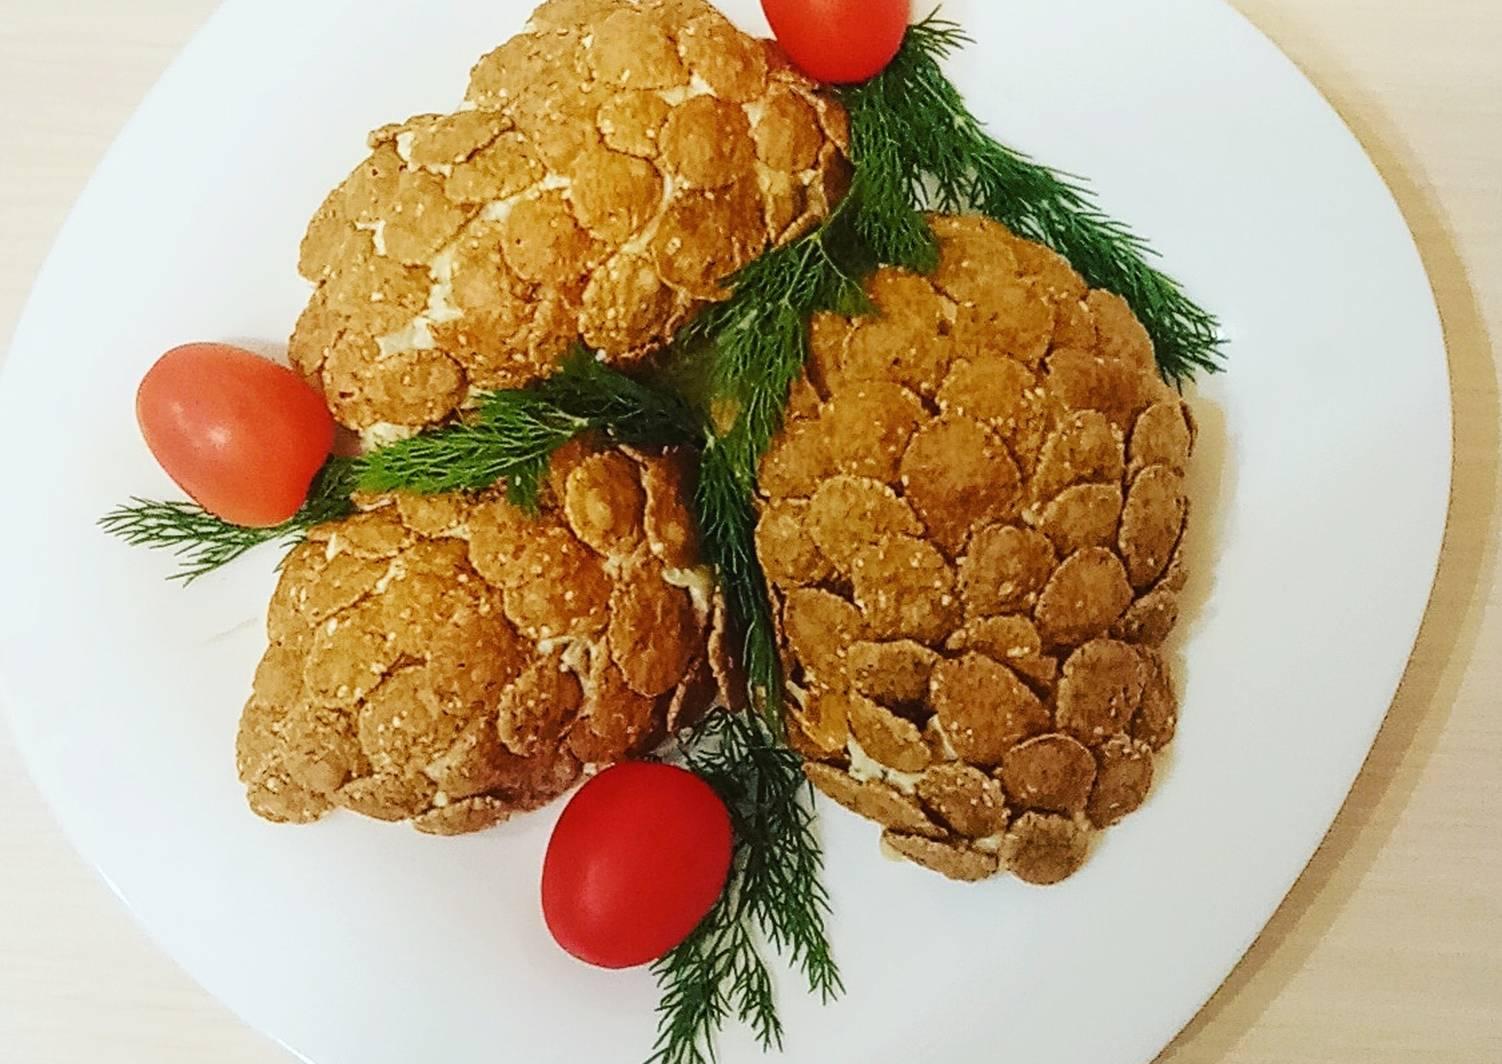 можно салат лесные шишки рецепт с фото более пяти столетий